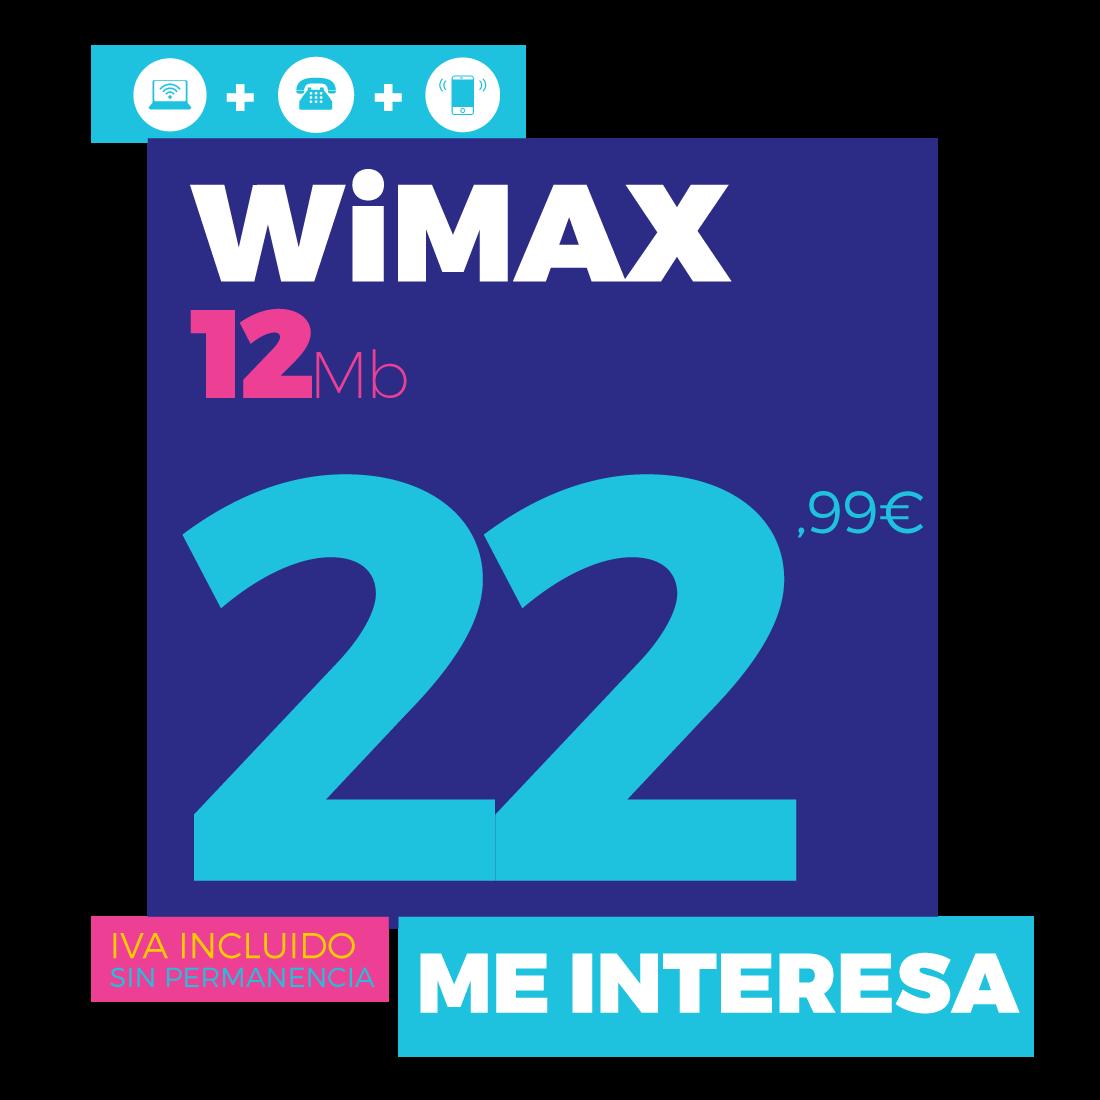 ofer_wifiwimax